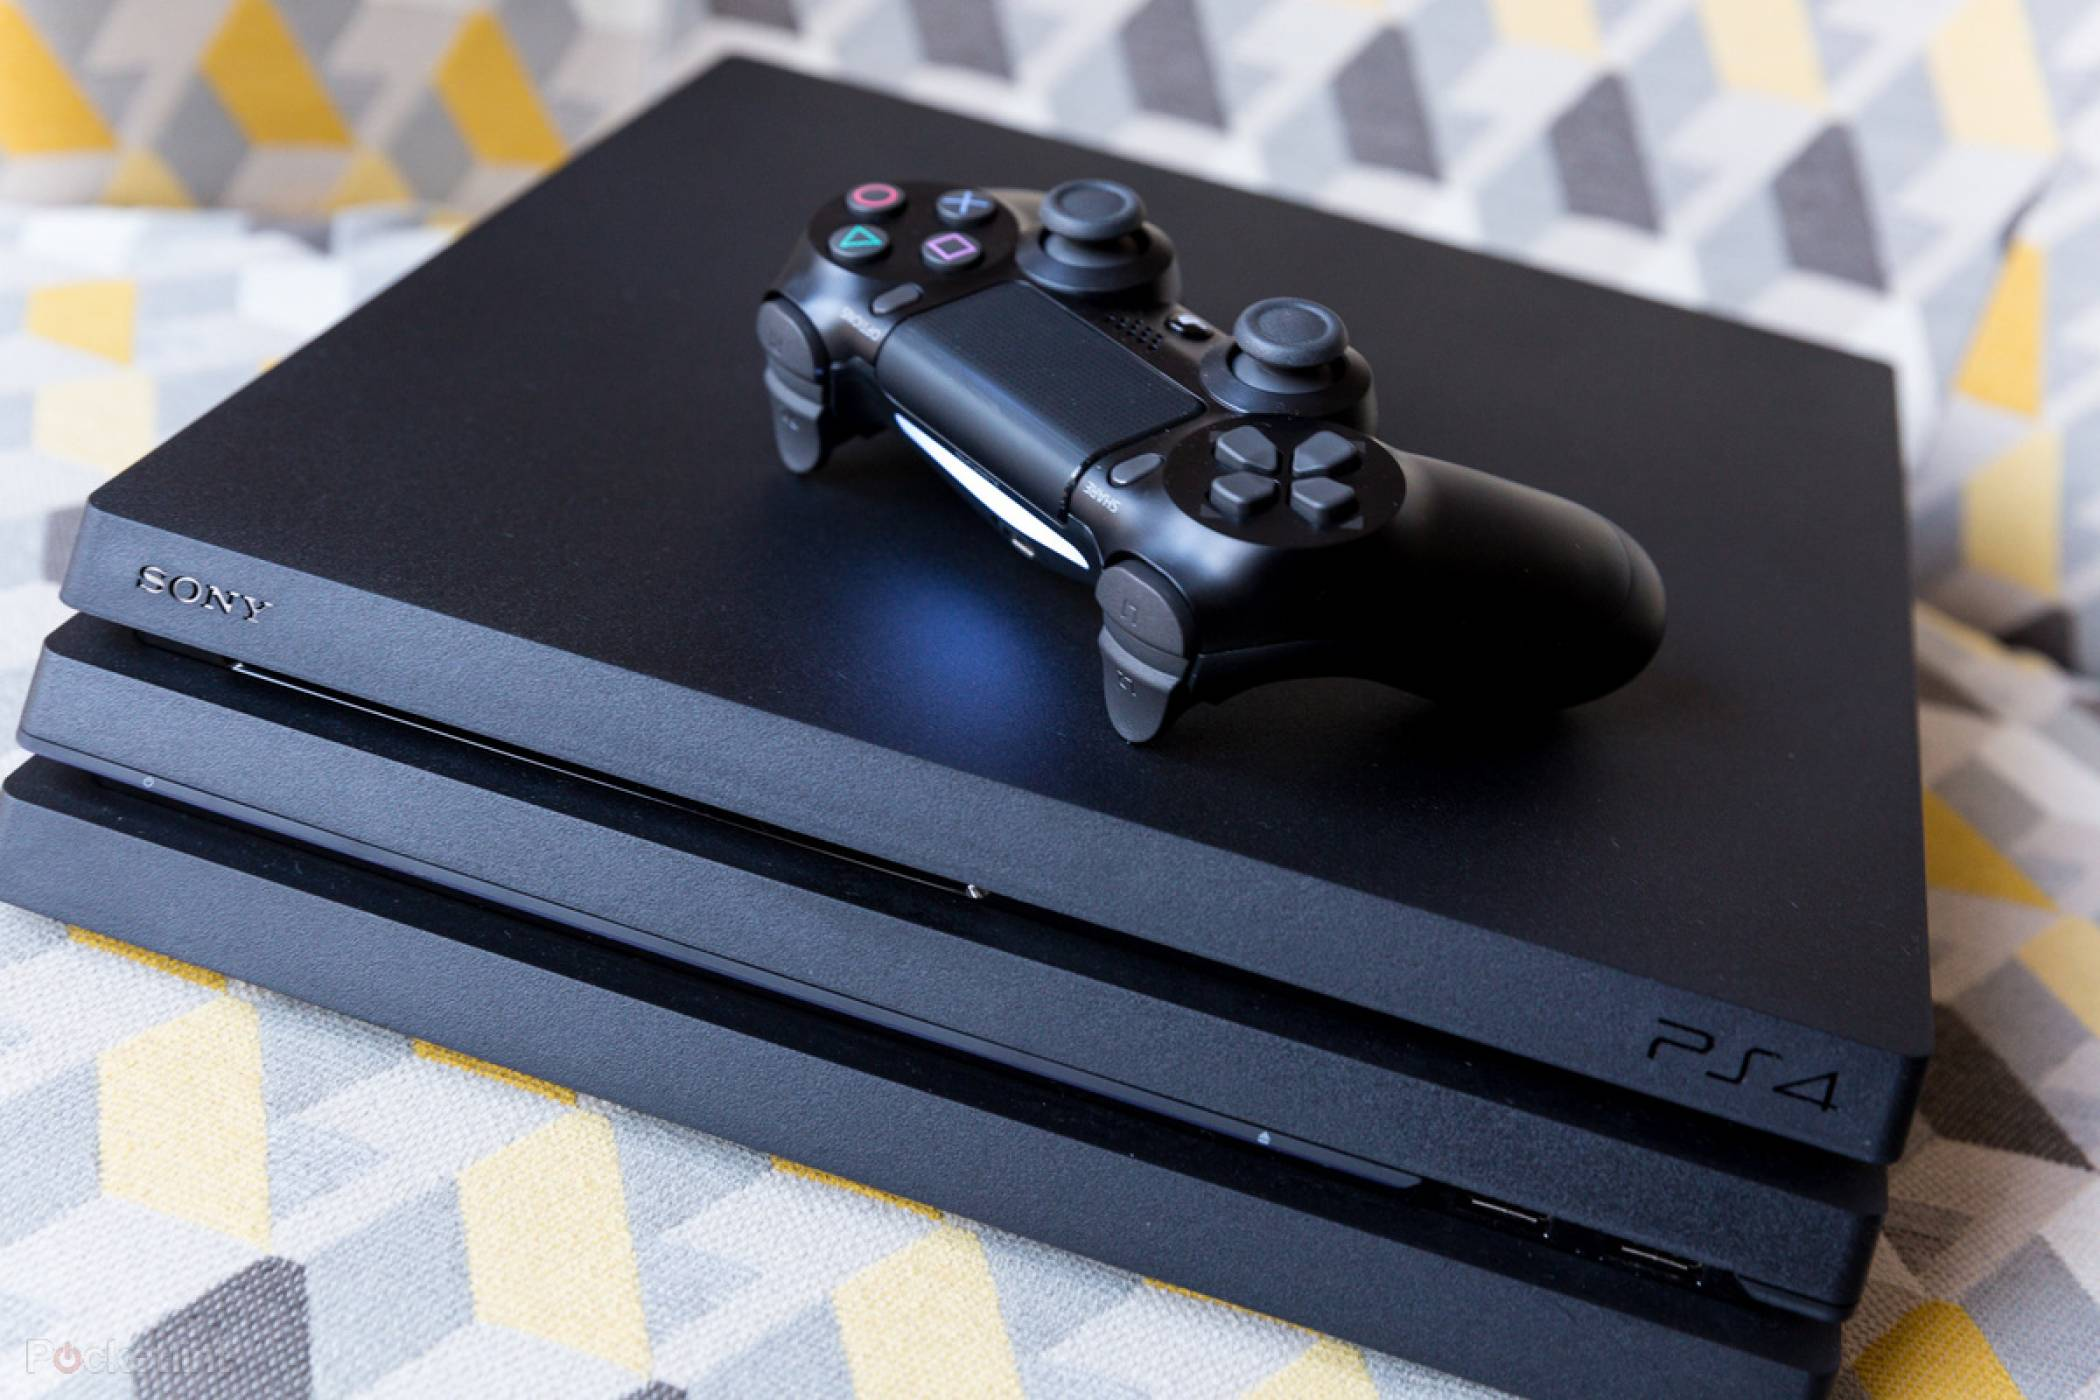 Докато чакате PS5 можете да пробвате този трик, за да увеличите производителността на PlayStation 4 (ВИДЕО)